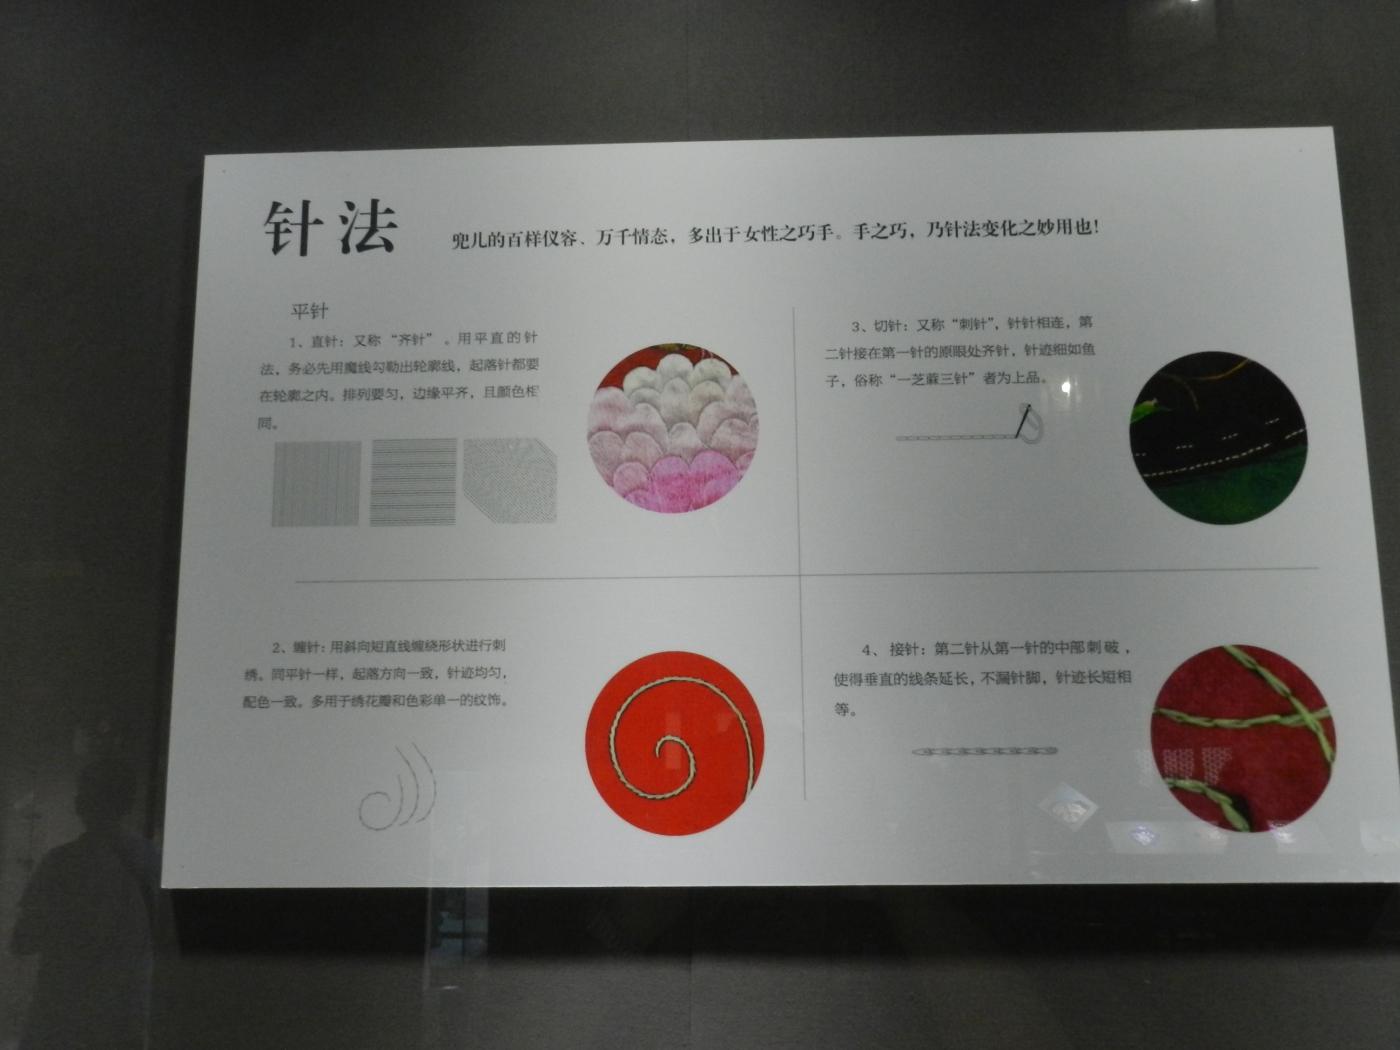 【汉良子】西安钟楼(图)_图1-17